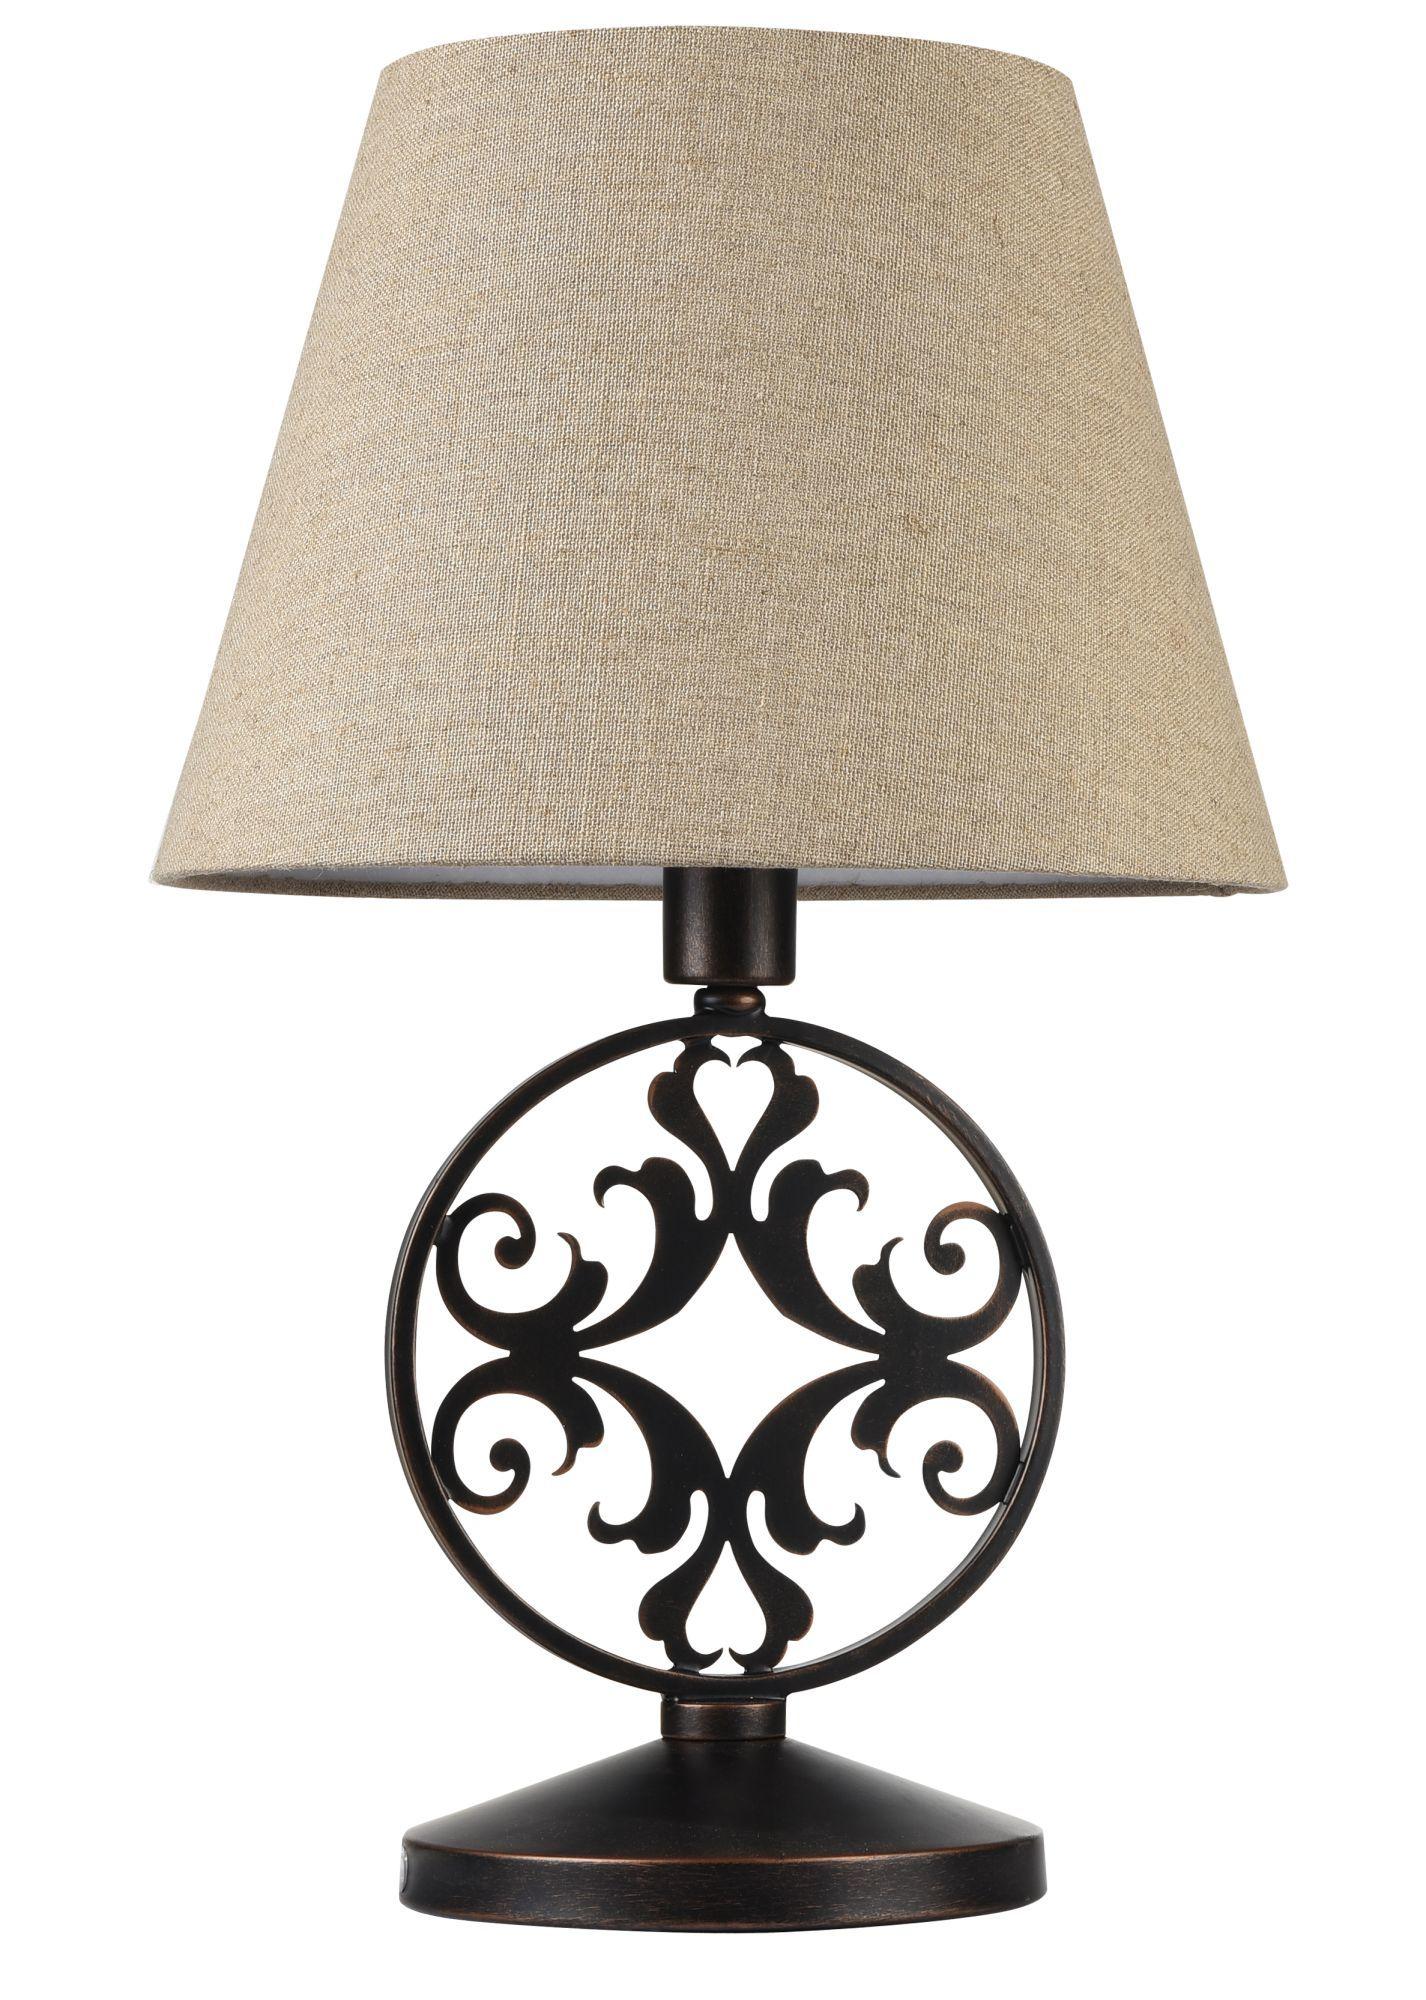 Настольная лампа Maytoni Rustika H899-22-R, 1xE27x40W, коричневый, бежевый, металл, ковка, текстиль - фото 3